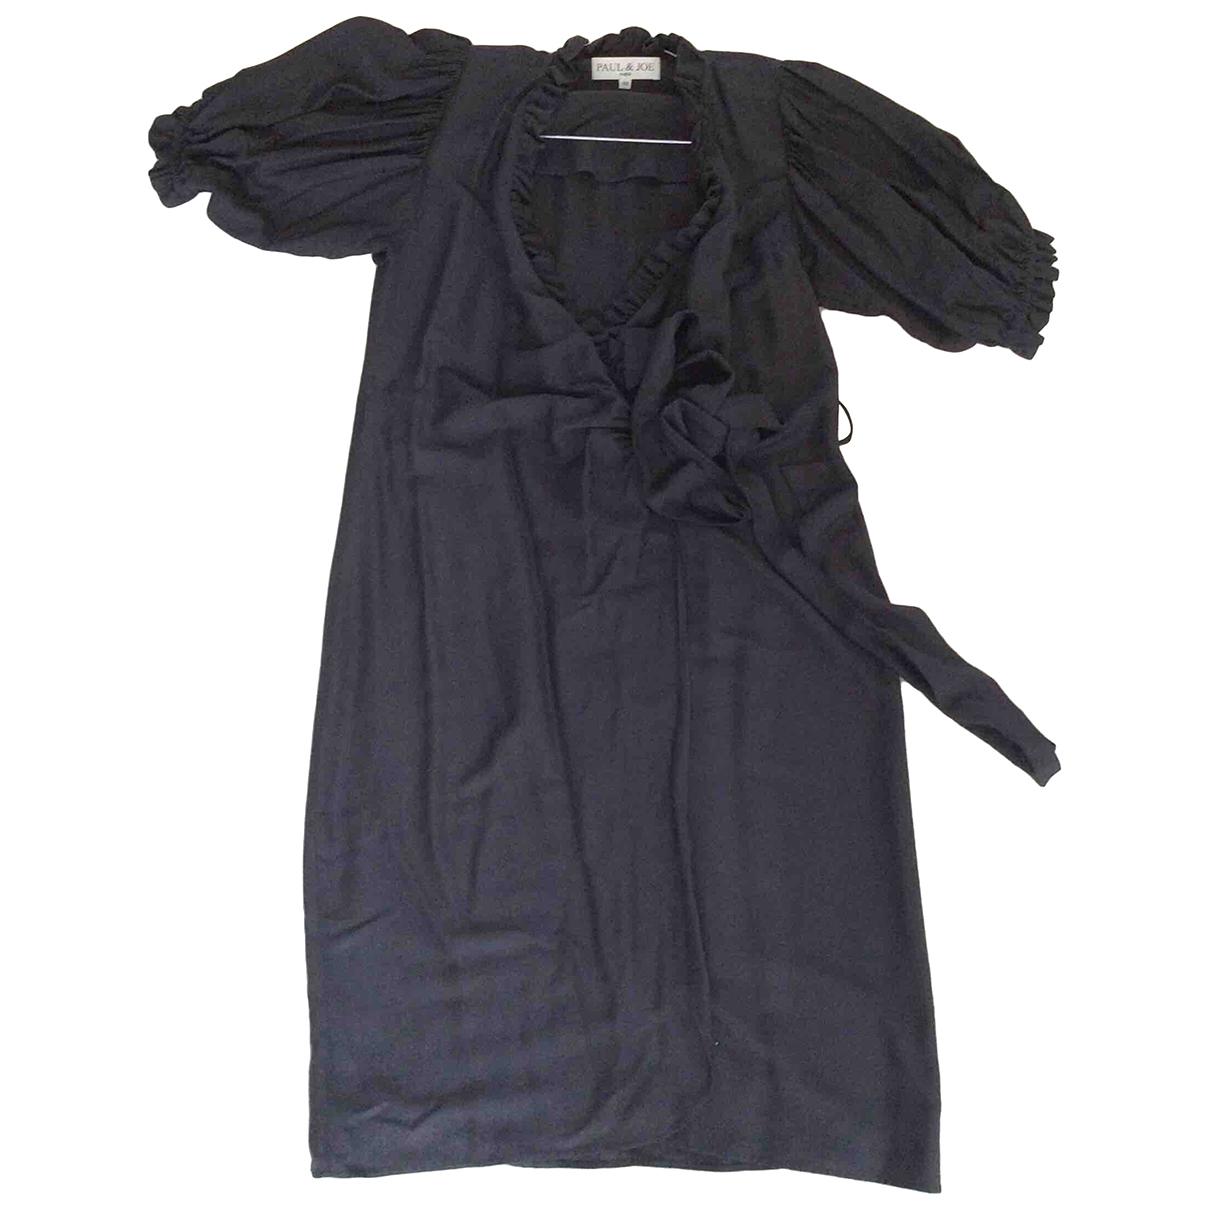 Paul & Joe \N Kleid in  Schwarz Viskose